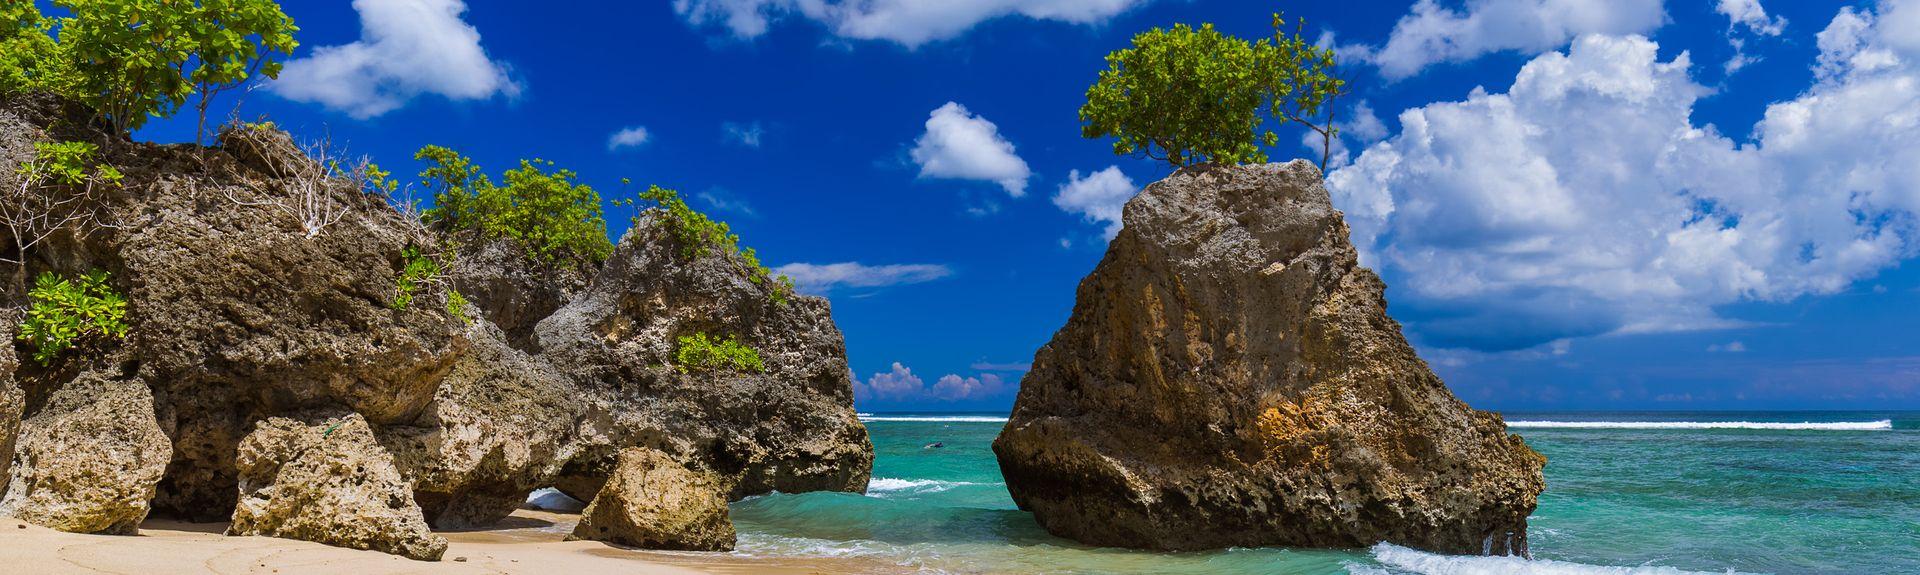 Spiaggia di Bingin, Bali, Indonesia